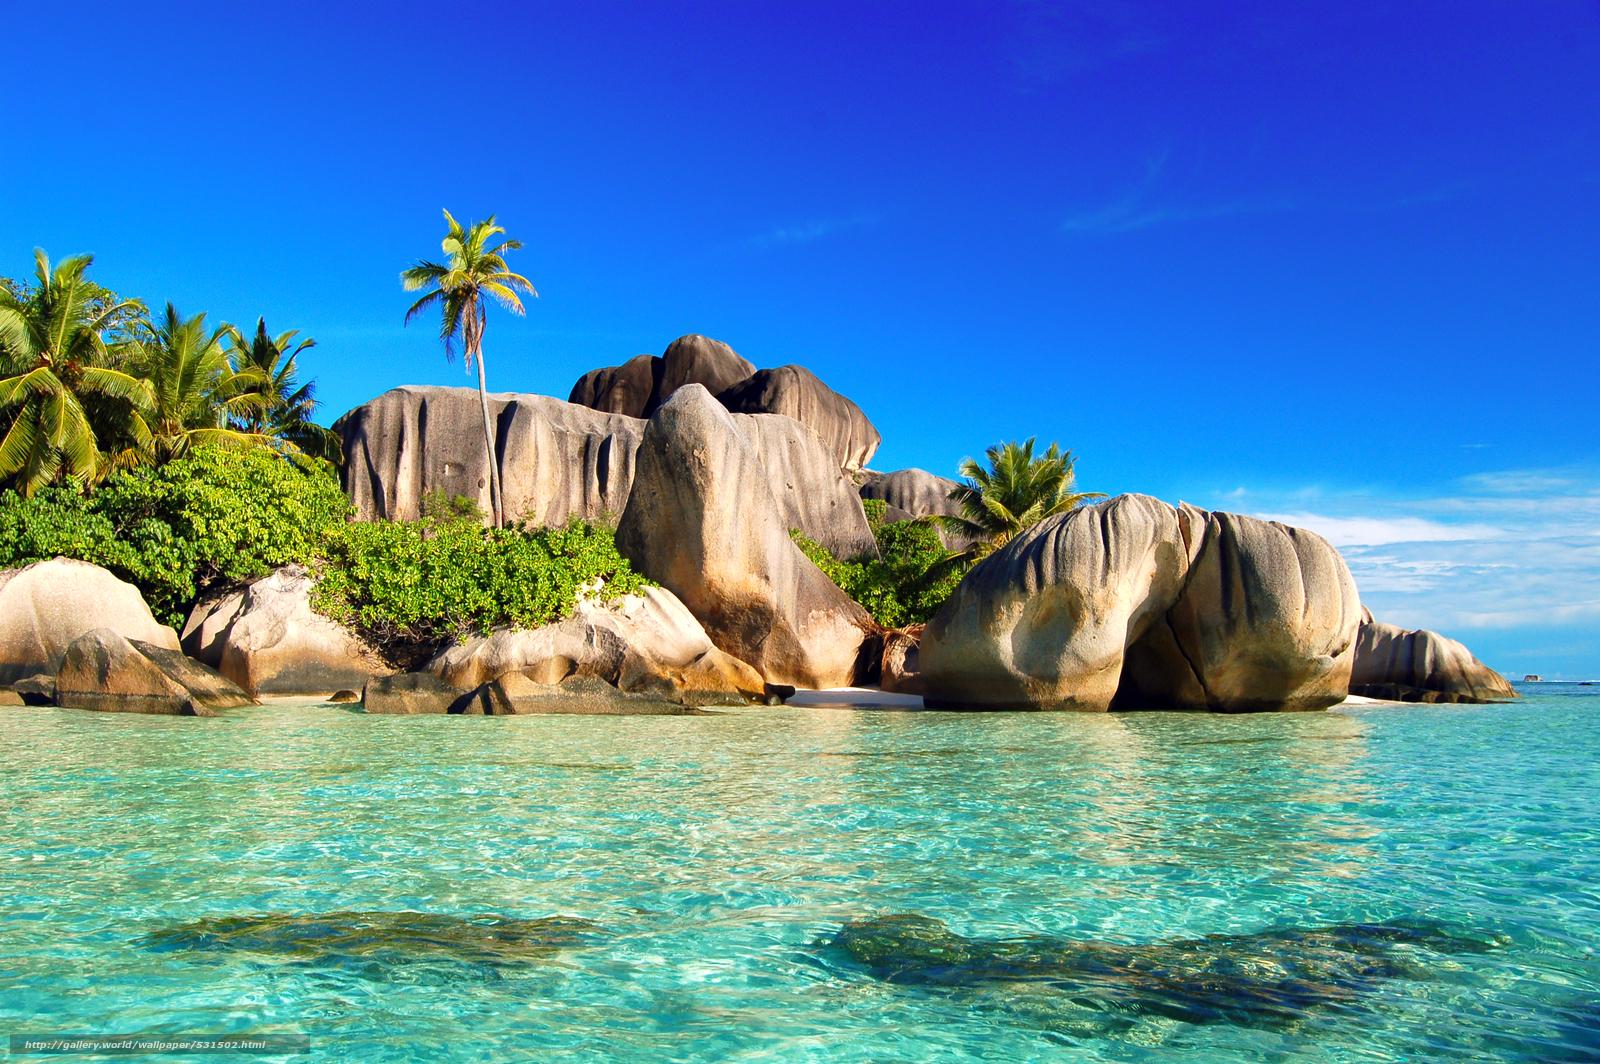 531502_sea_island_seychelles_3008x2000_www_gde-fon_com.jpg